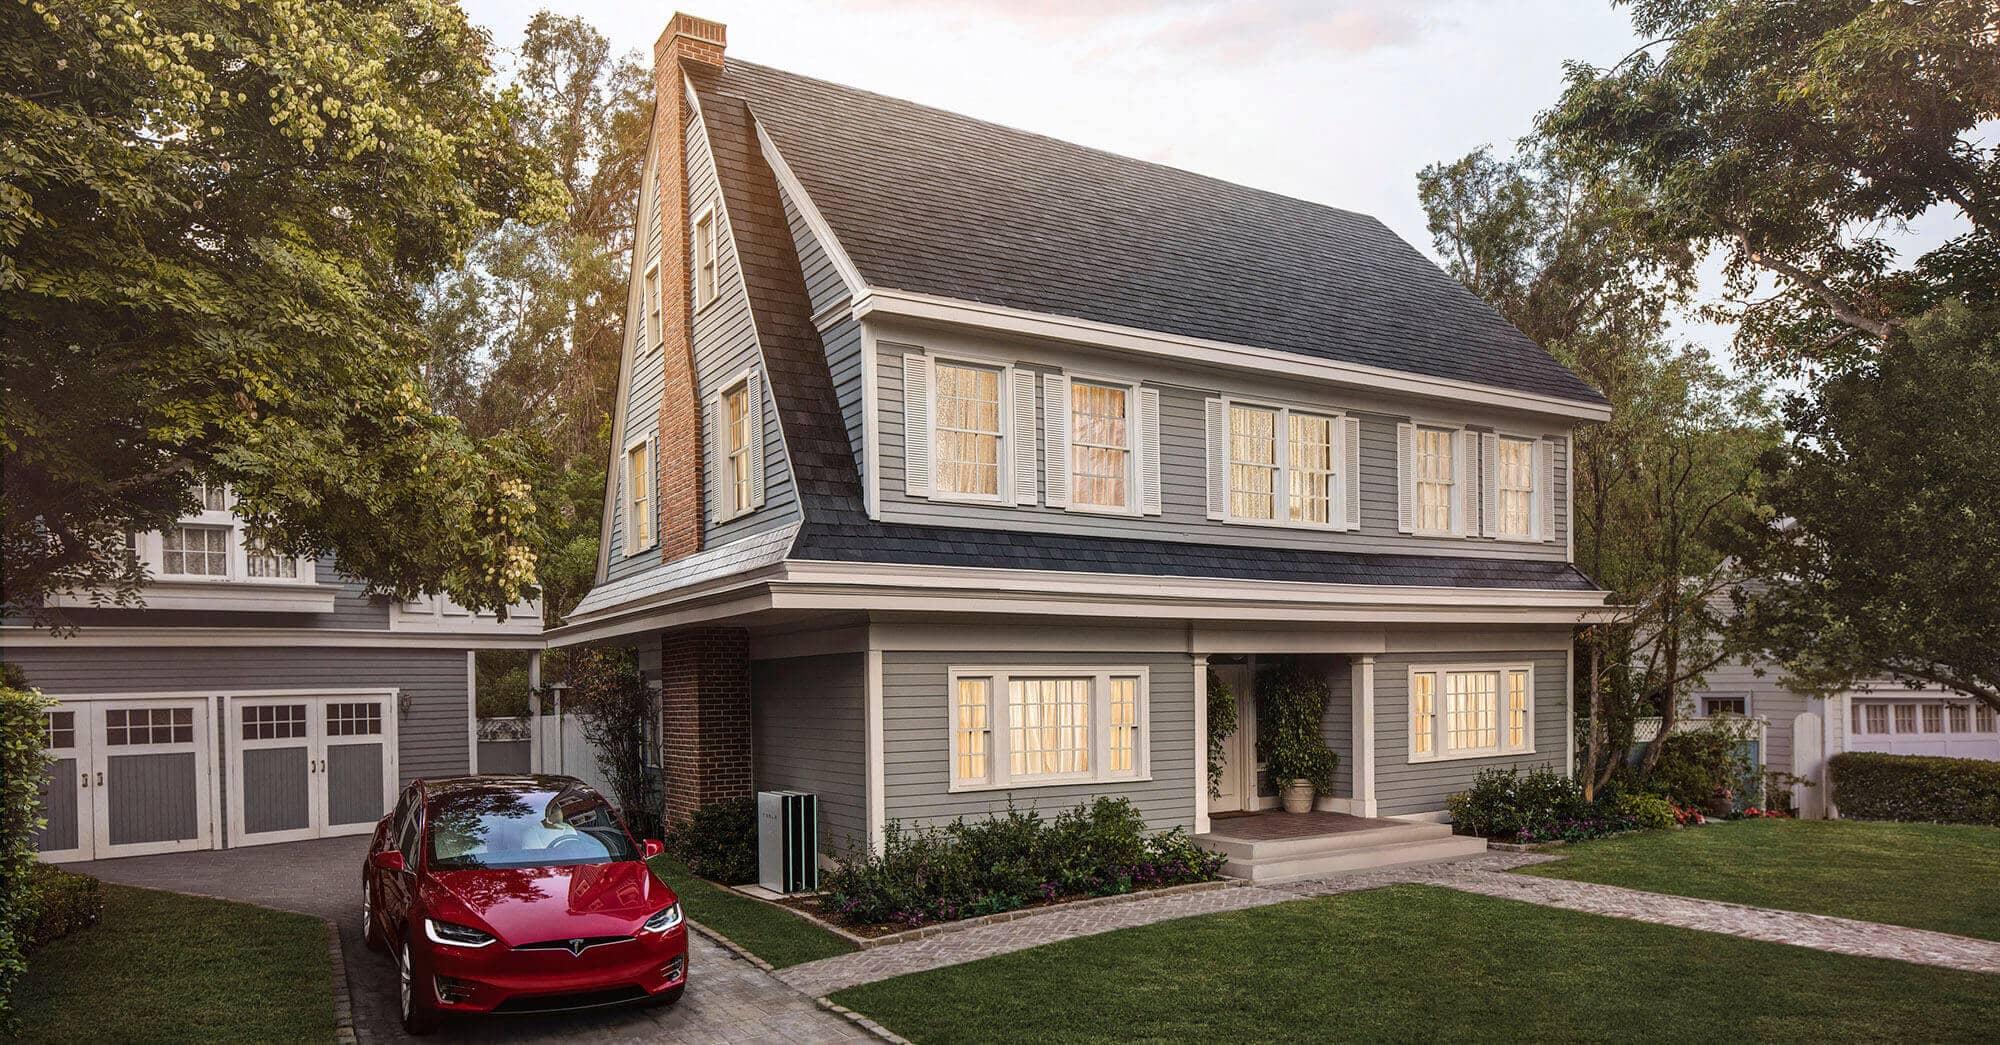 tesla starts taking solar roof tile orders reveals details solar industry. Black Bedroom Furniture Sets. Home Design Ideas